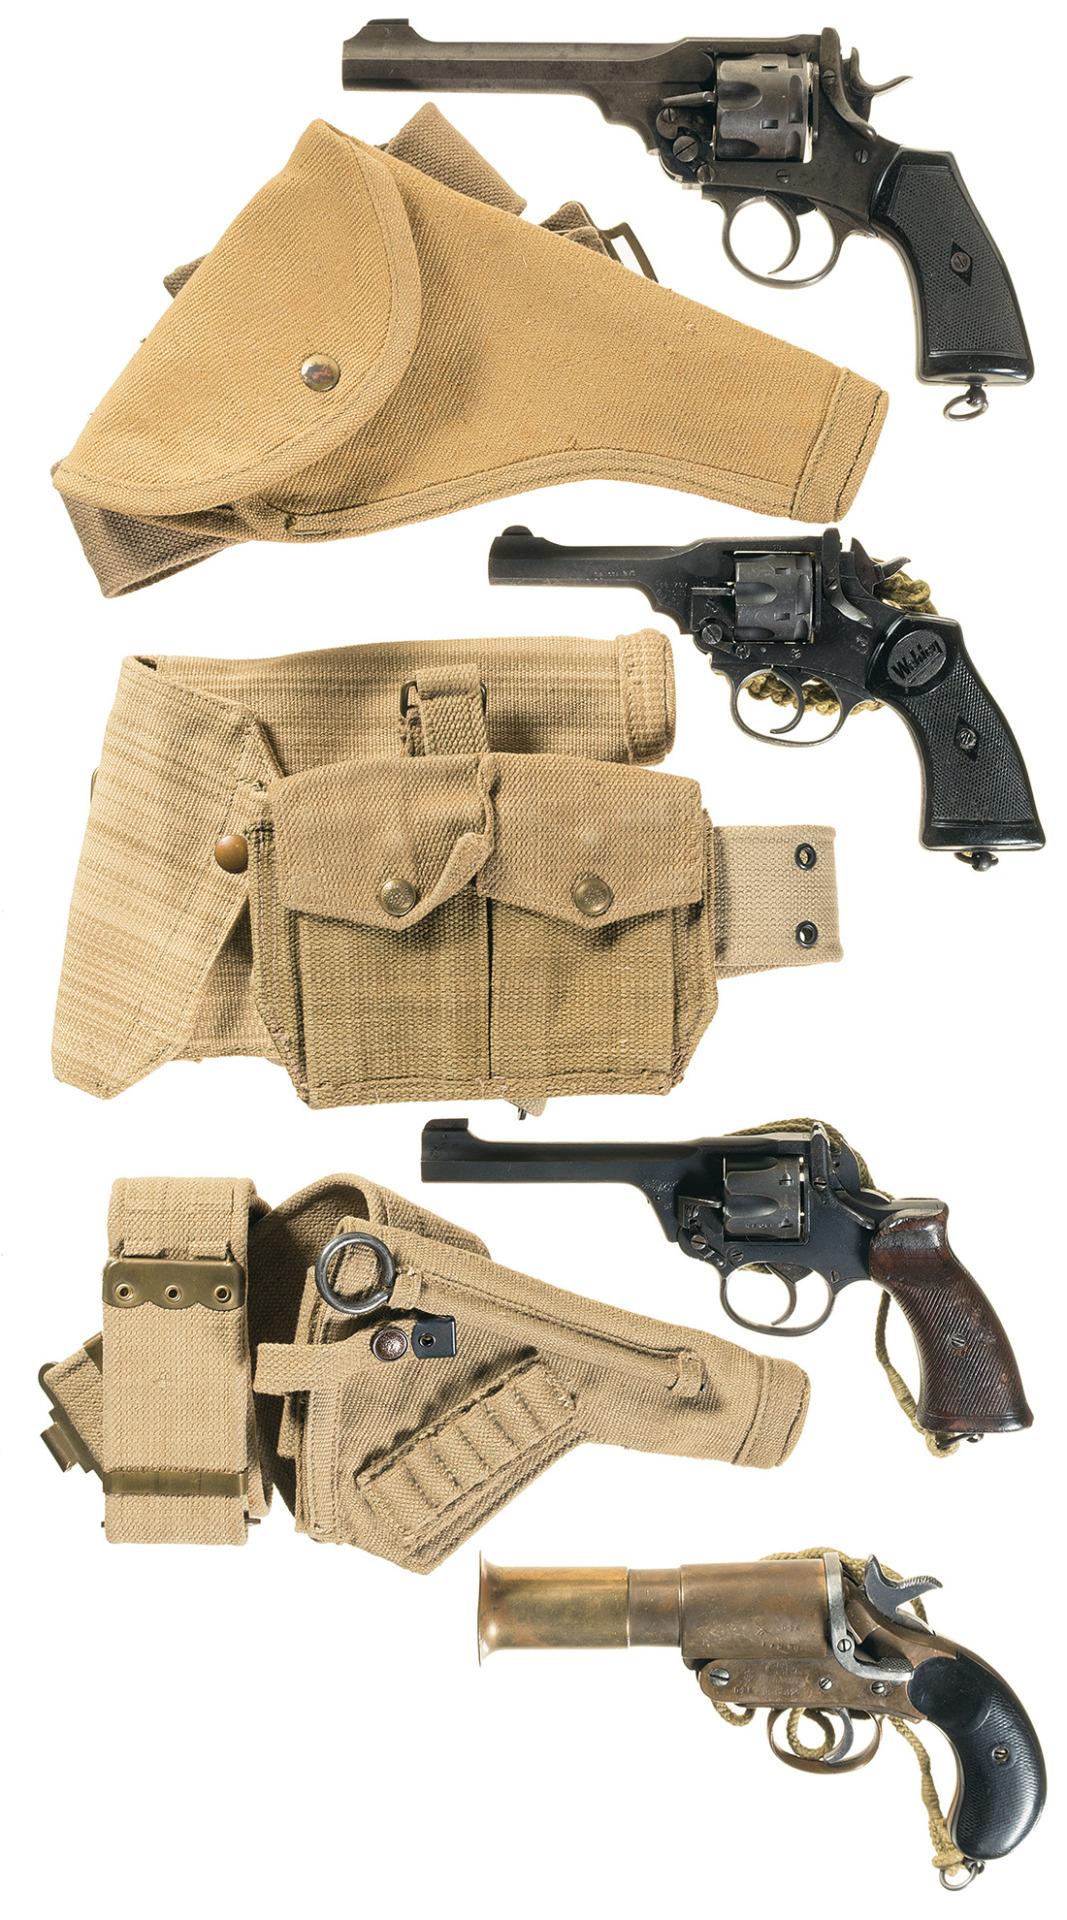 webley revolver images